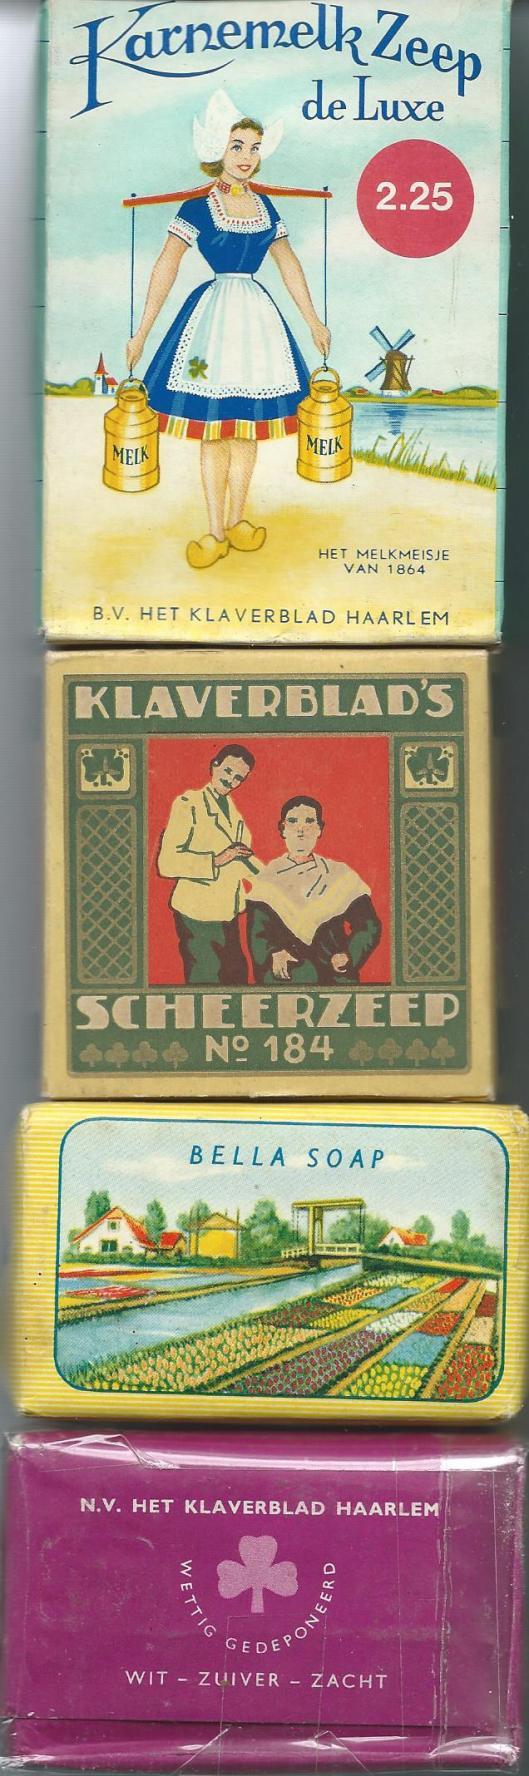 Voorbeelden van zeepjes afkomstig van zeepfabriek 'Het Klaverblad' Haarlem uit eigen bezit.